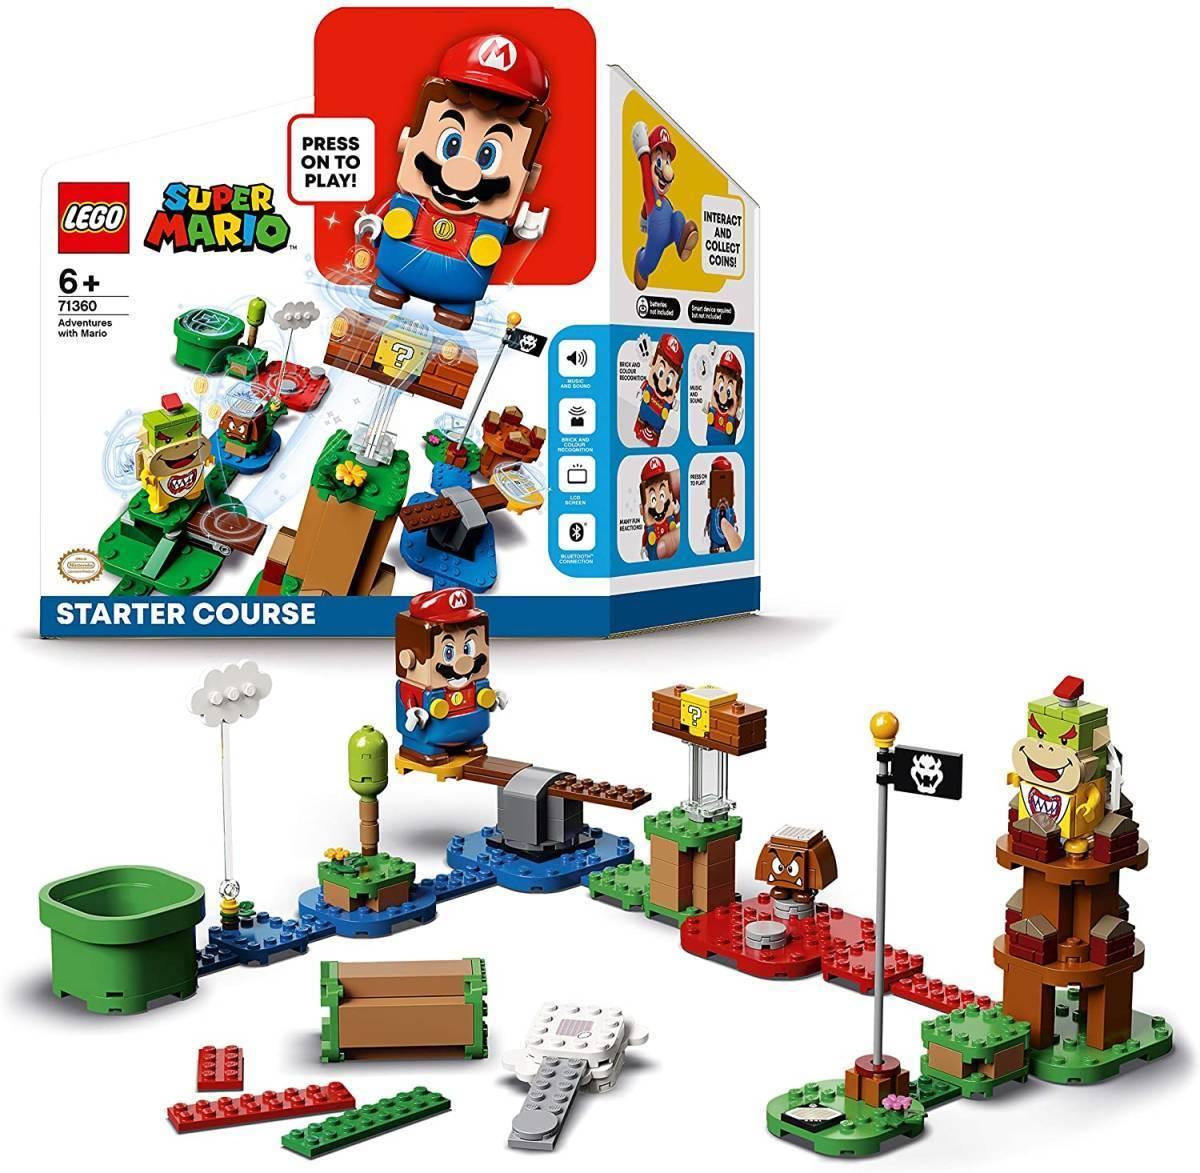 レゴ スーパーマリオ 71360 レゴ(R)マリオ と ぼうけんのはじまり ~ スターターセット LEGO Super Mario_画像1